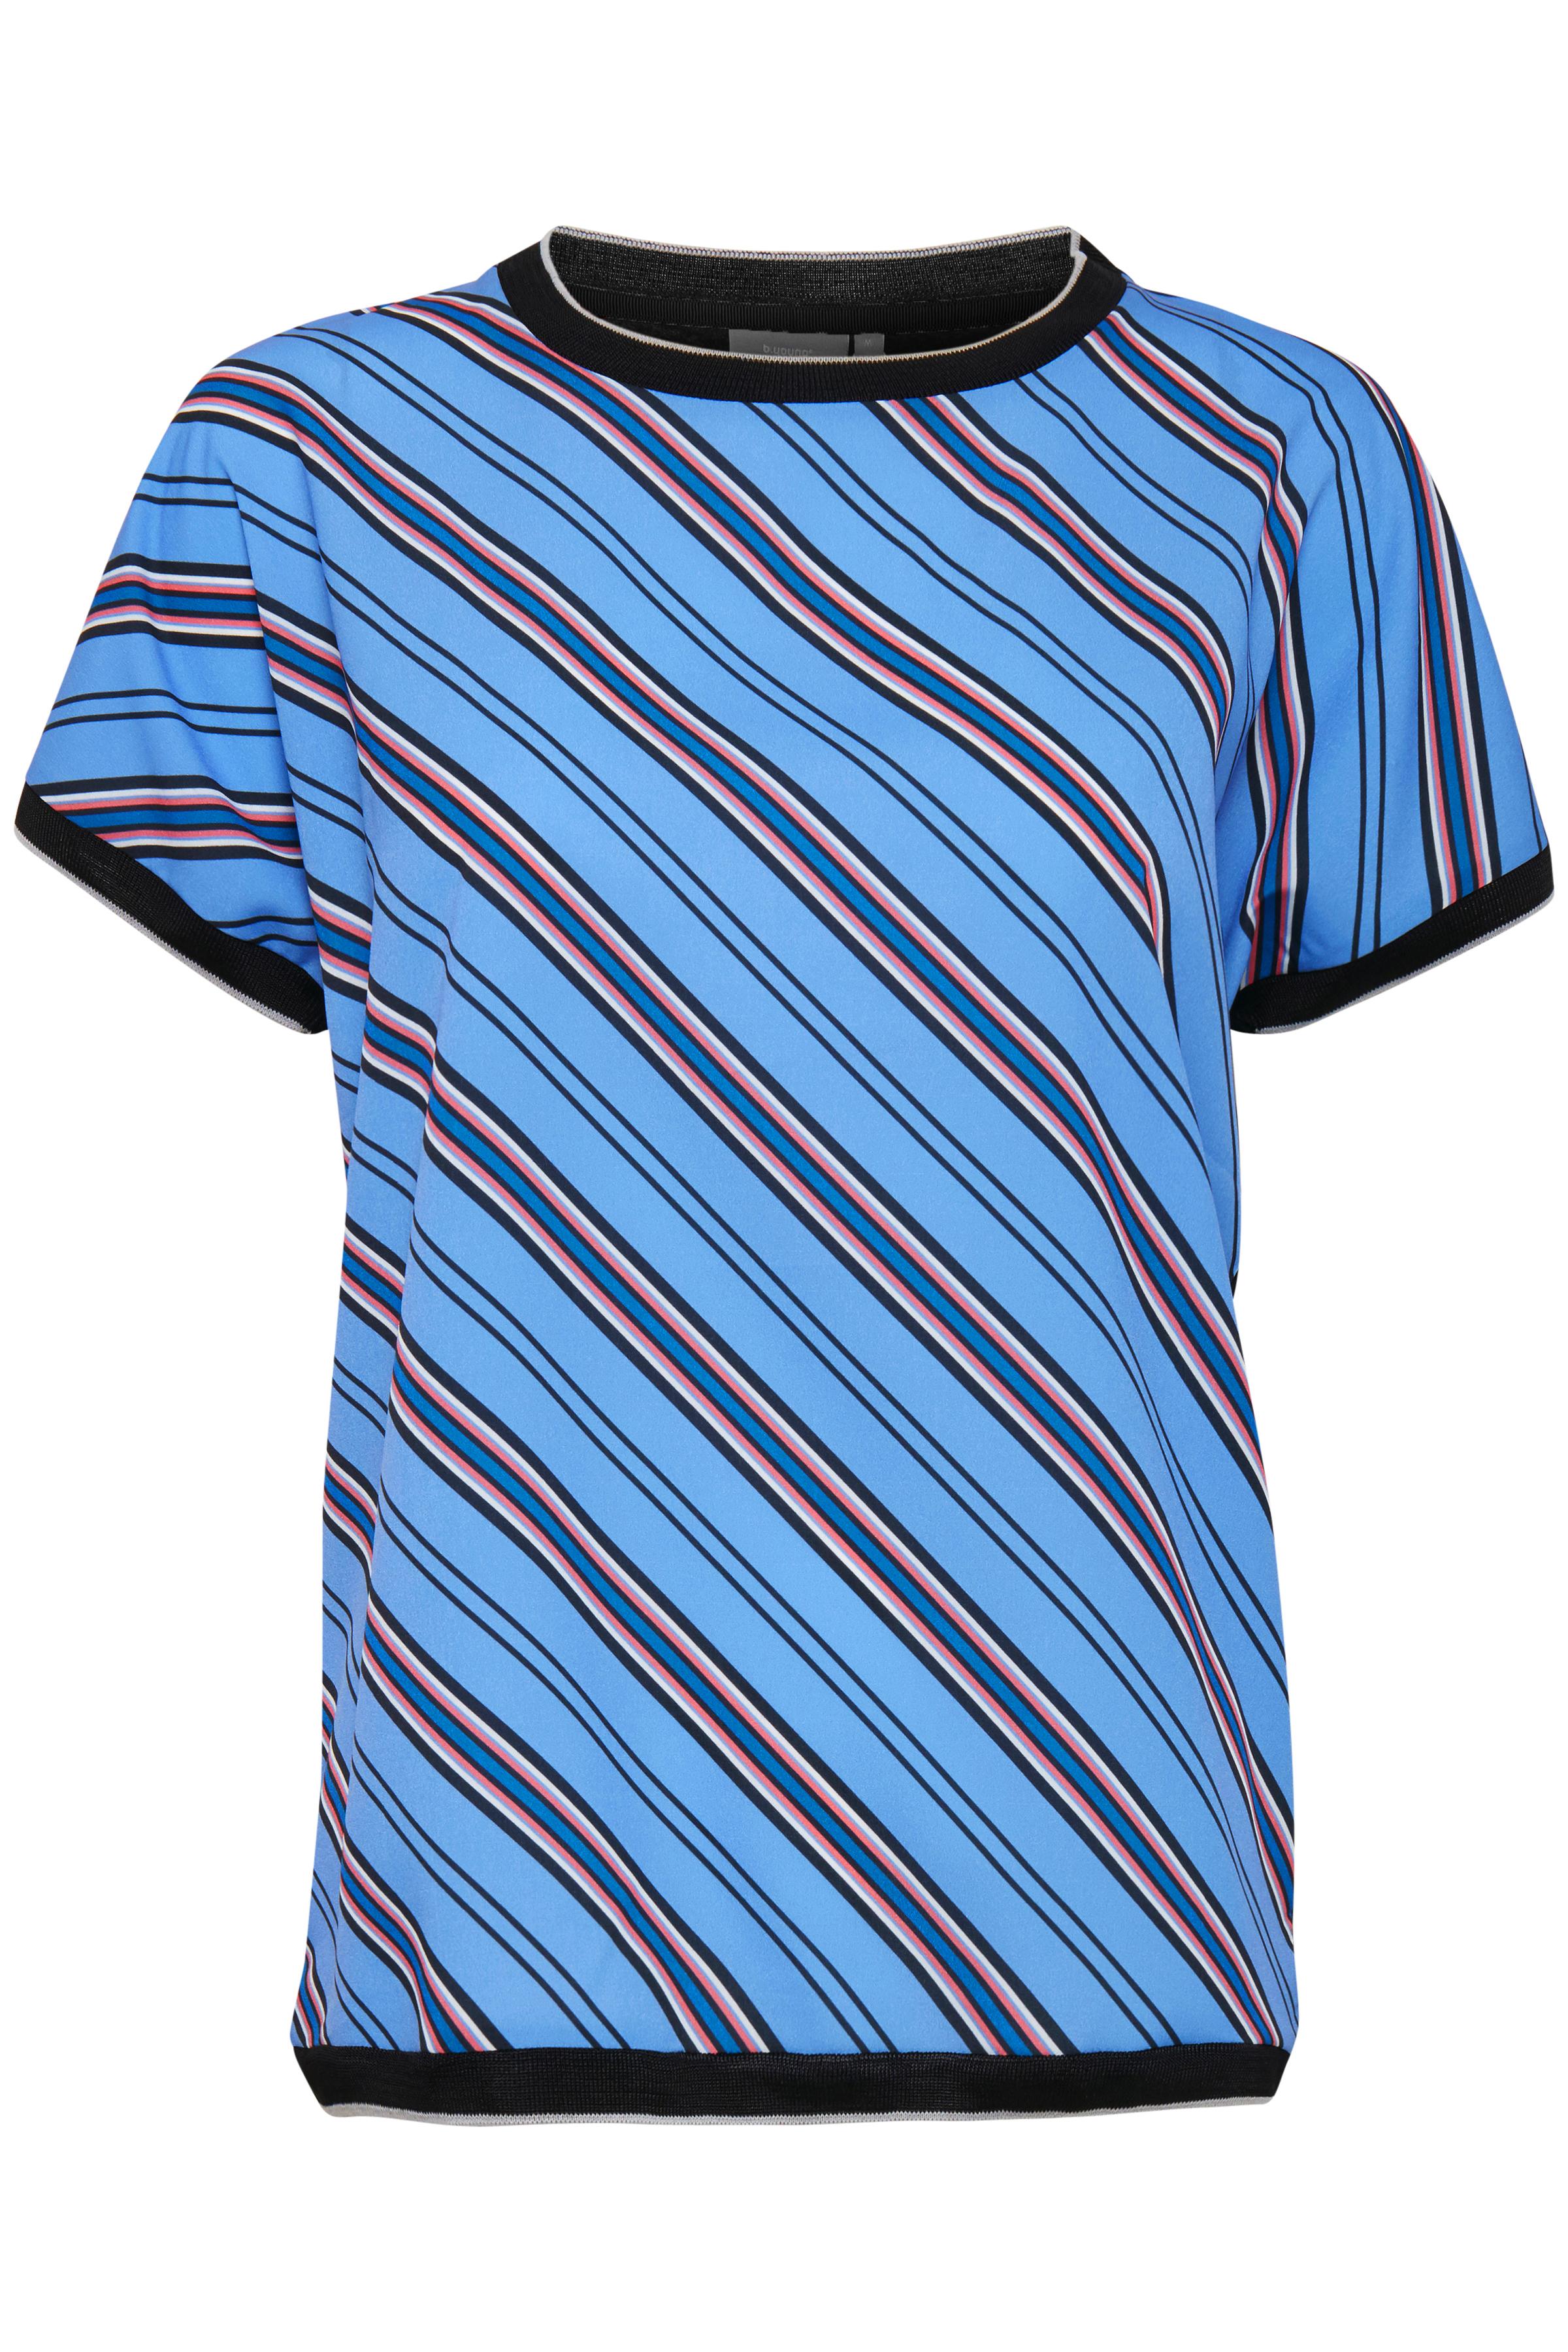 Cornflower blue combi 2 T-shirt von b.young – Kaufen Sie Cornflower blue combi 2 T-shirt aus Größe XS-XXL hier